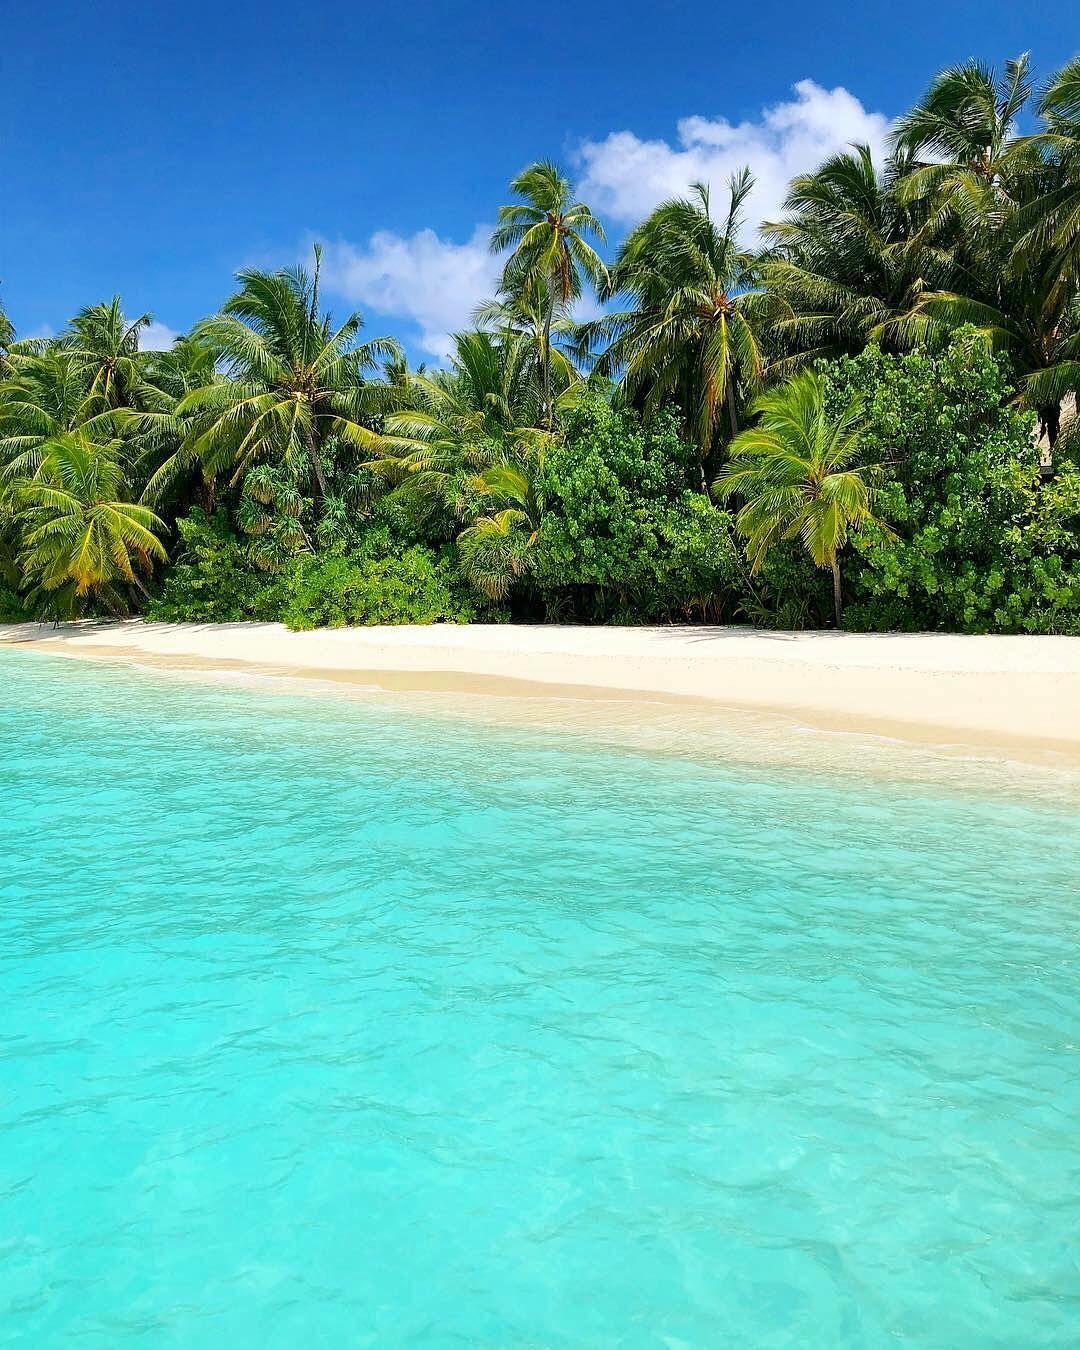 райские острова картинки смотреть жизнь